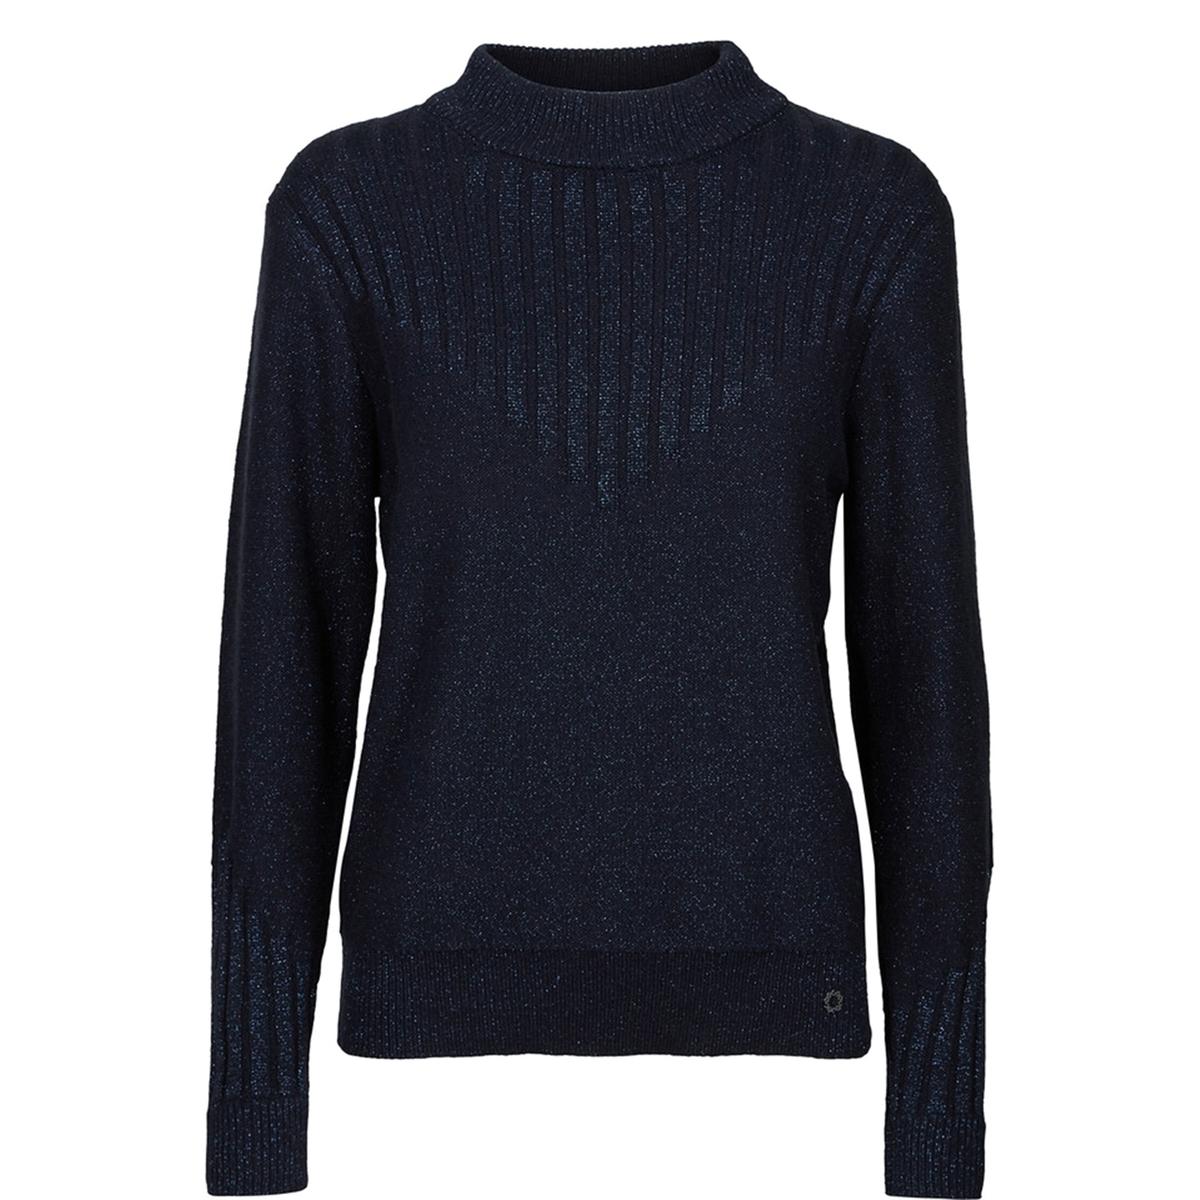 Пуловер с высоким воротником BarbaraСостав и описаниеМатериал : 42% хлопка, 24% полиамида, 20% волокон с металлическим блеском, 10% шерстиУходСледуйте рекомендациям по уходу, указанным на этикетке изделия<br><br>Цвет: темно-синий<br>Размер: XL